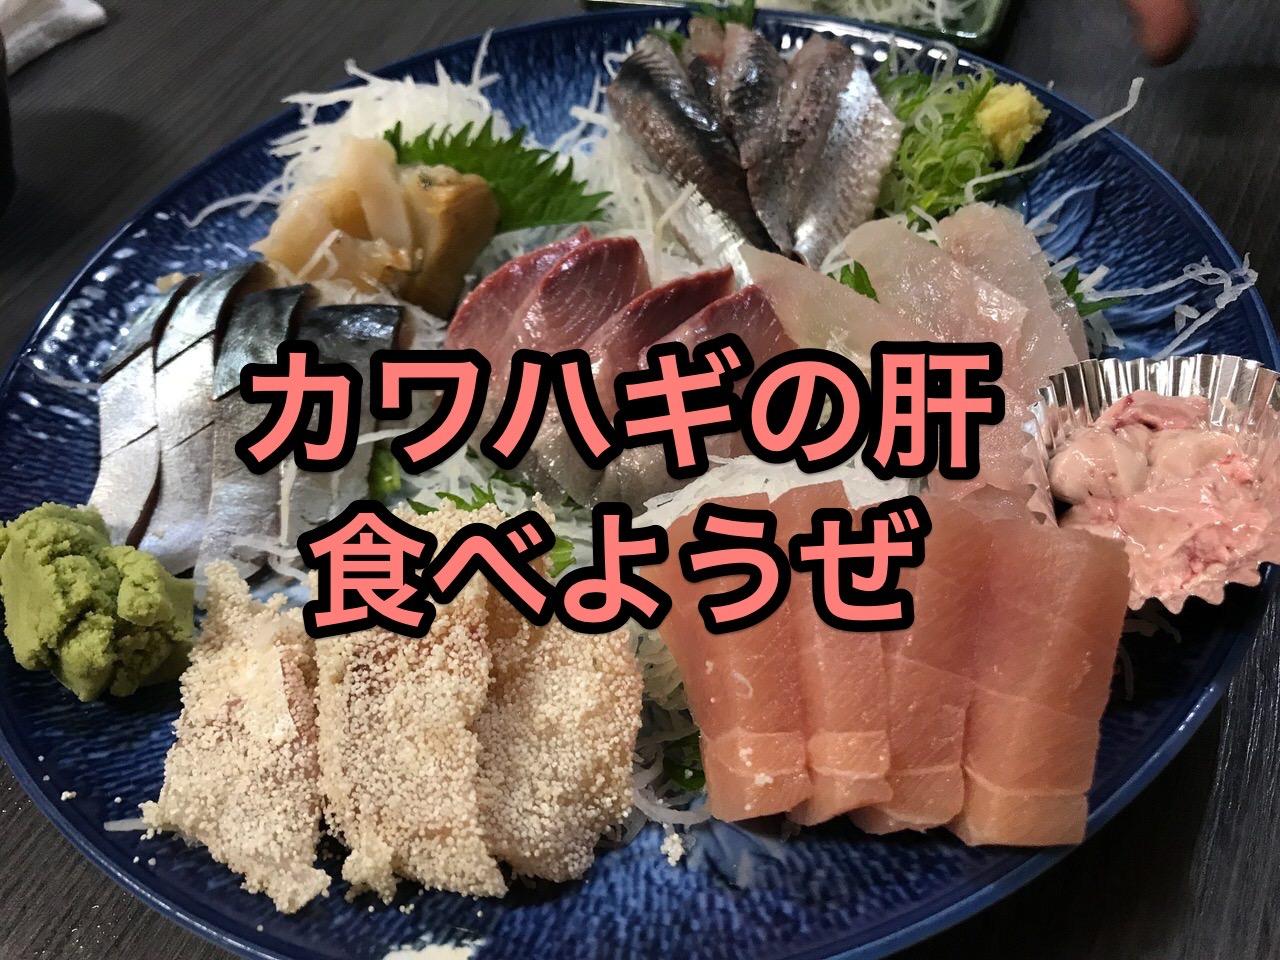 「居酒屋 たかまさ」高岡駅前できときとの刺身を食べよう